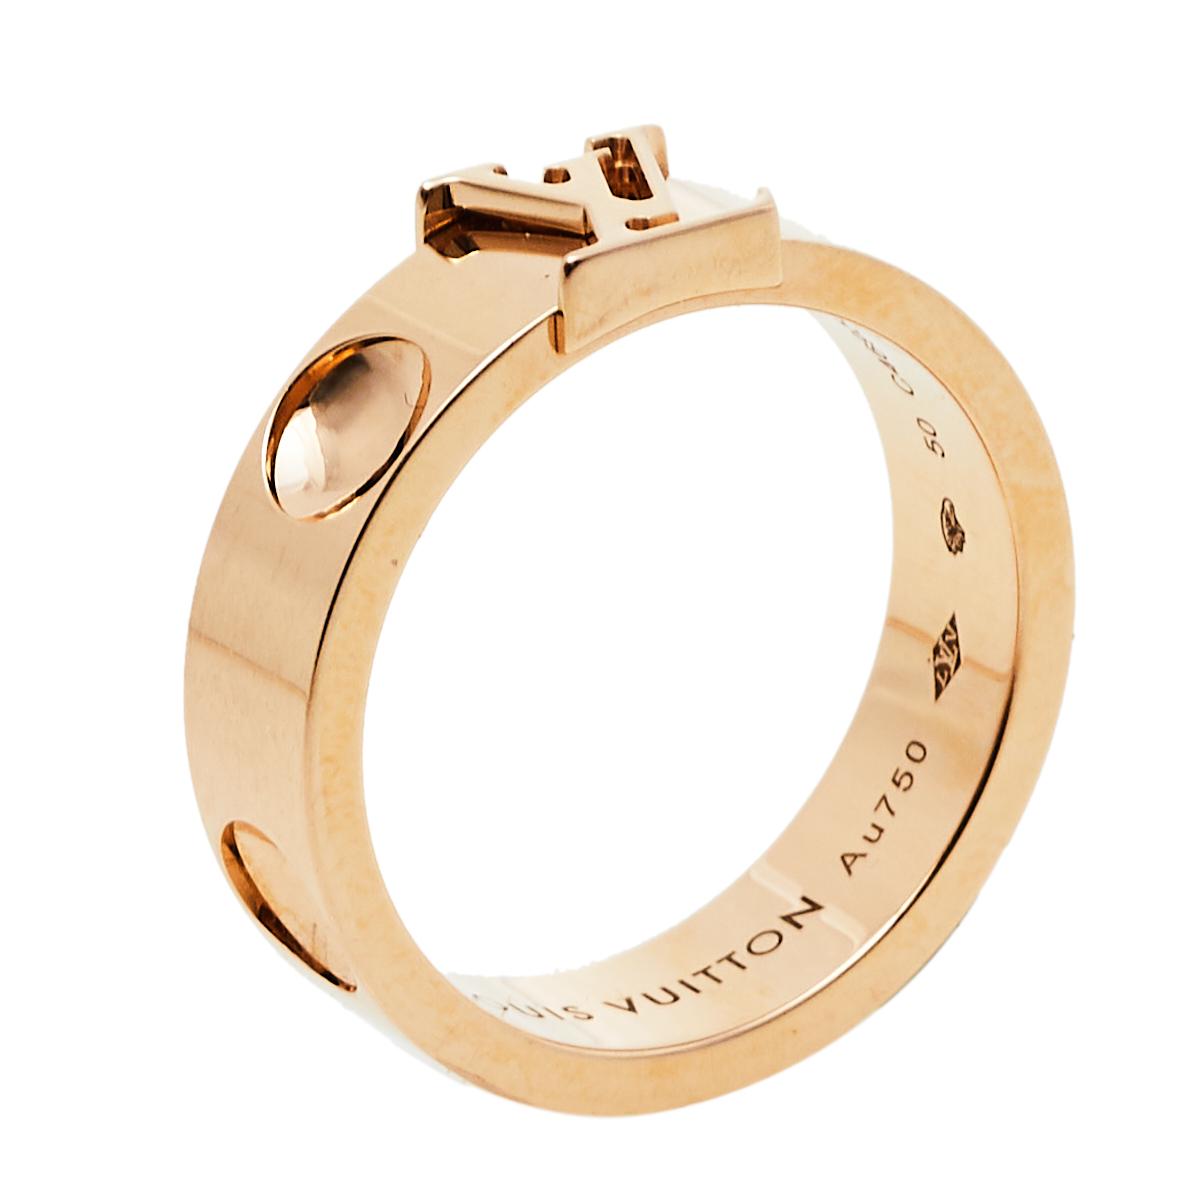 Louis Vuitton Empreinte 18K Rose Gold Ring Size 50